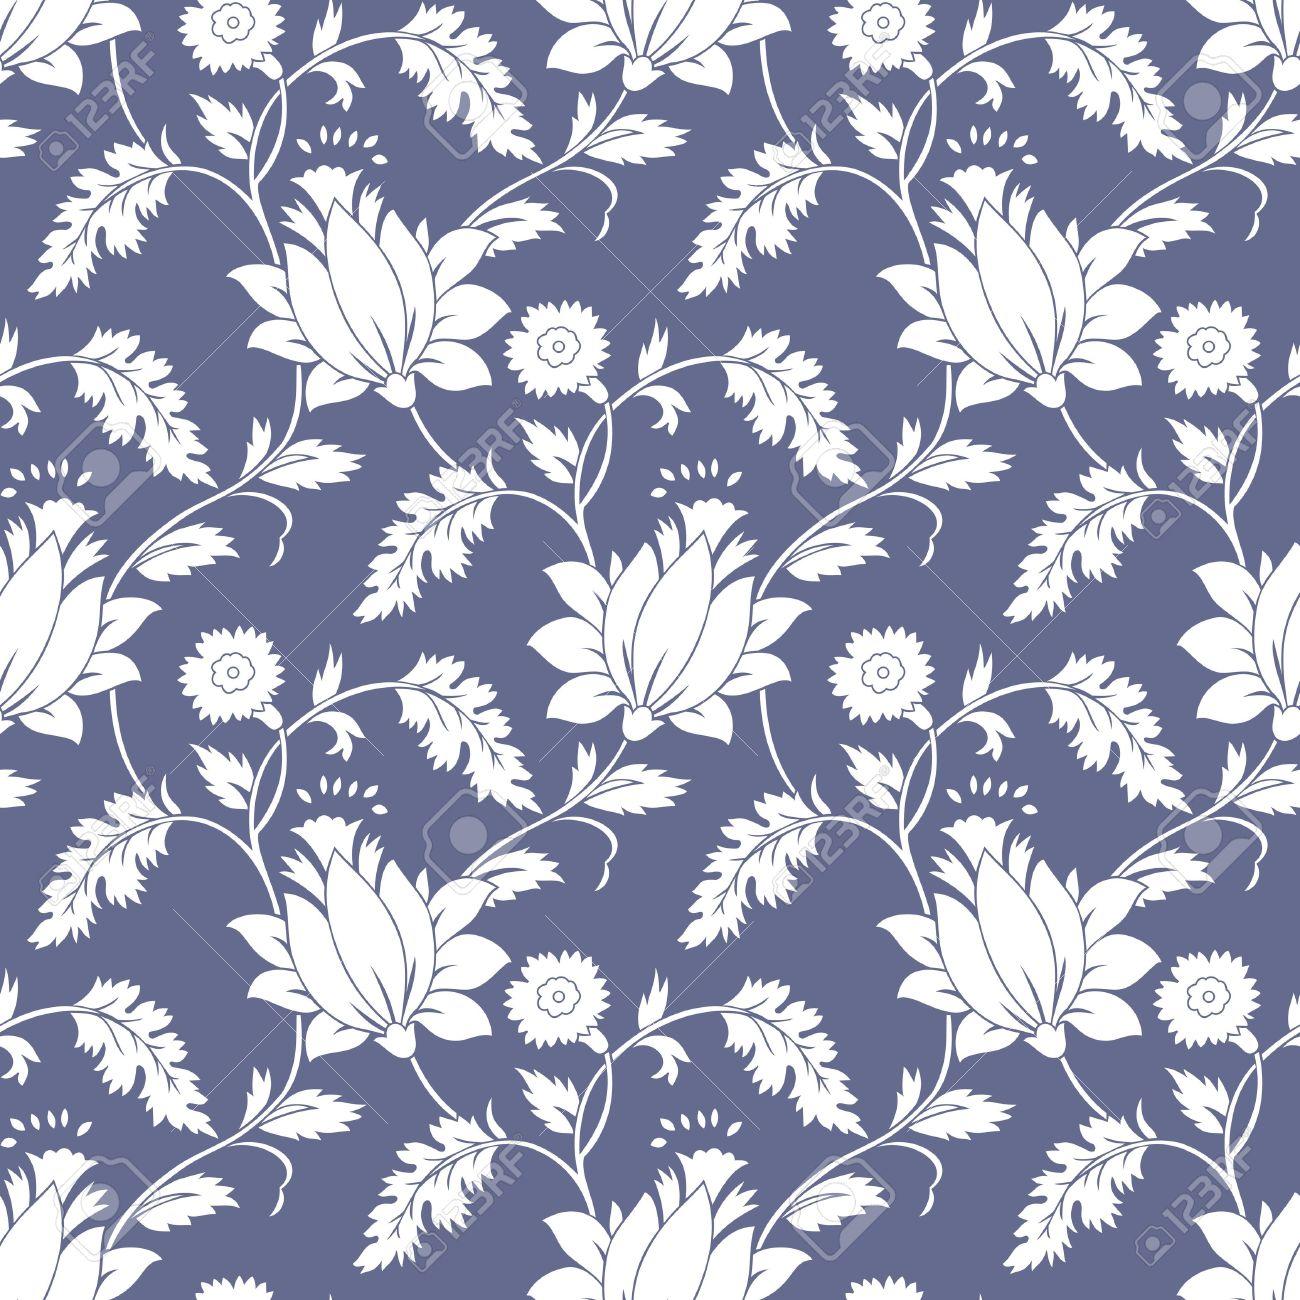 Fancy Wallpaper Seamless Fancy Lotus Flower Background Wallpaper Royalty Free